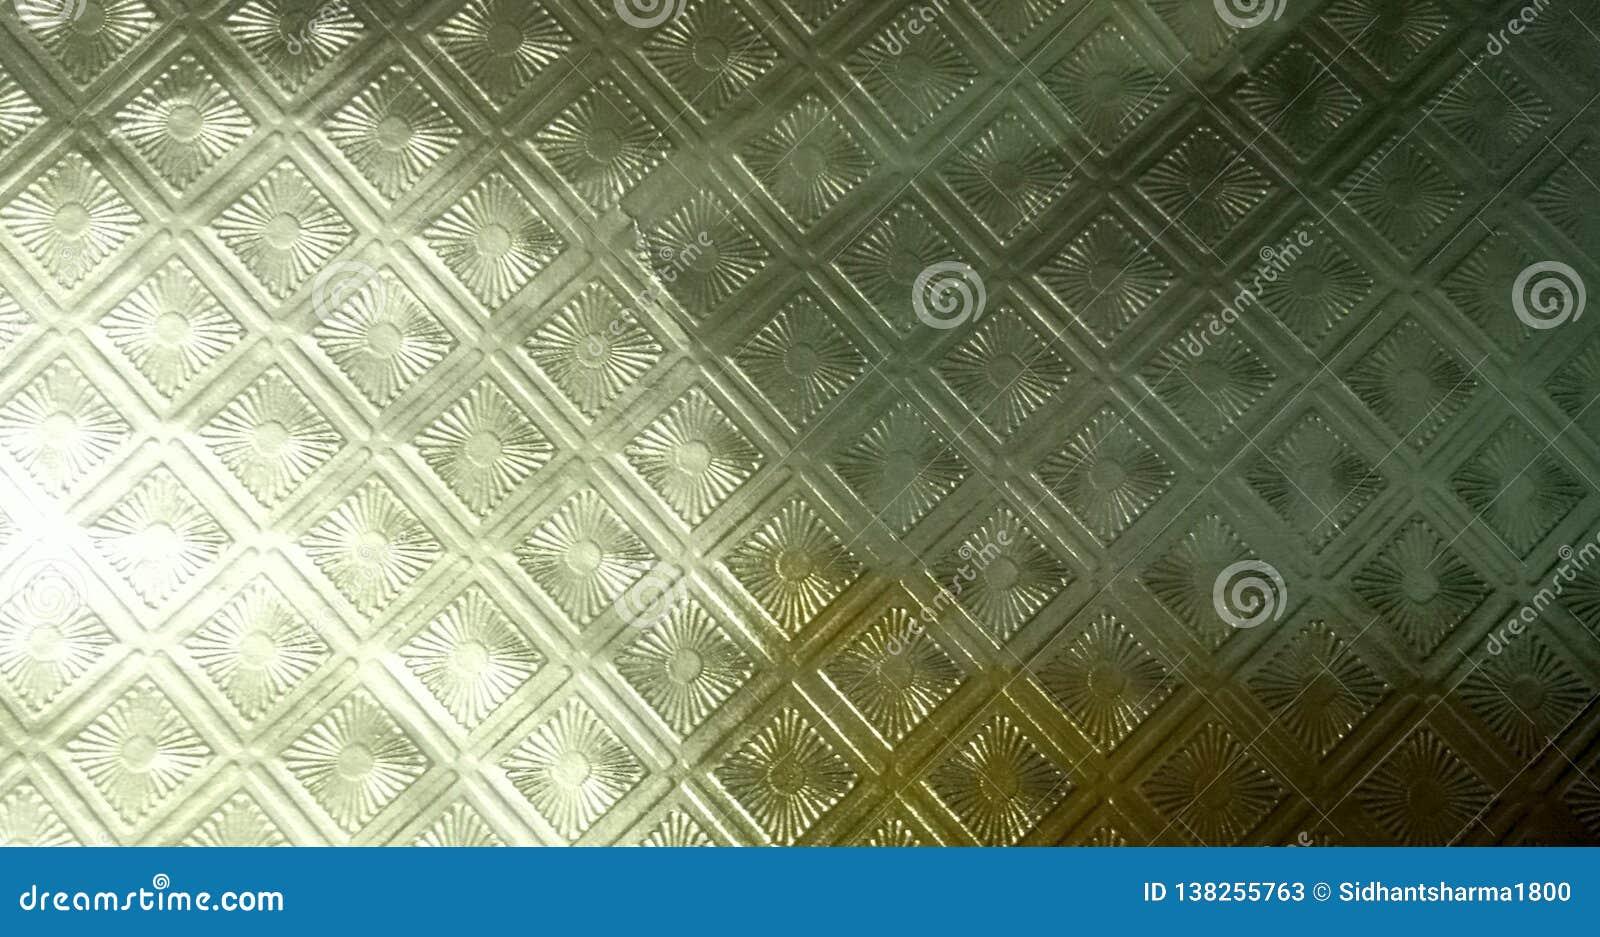 Papel pintado texturizado extracto shinning de papel de oro del fondo de la hoja